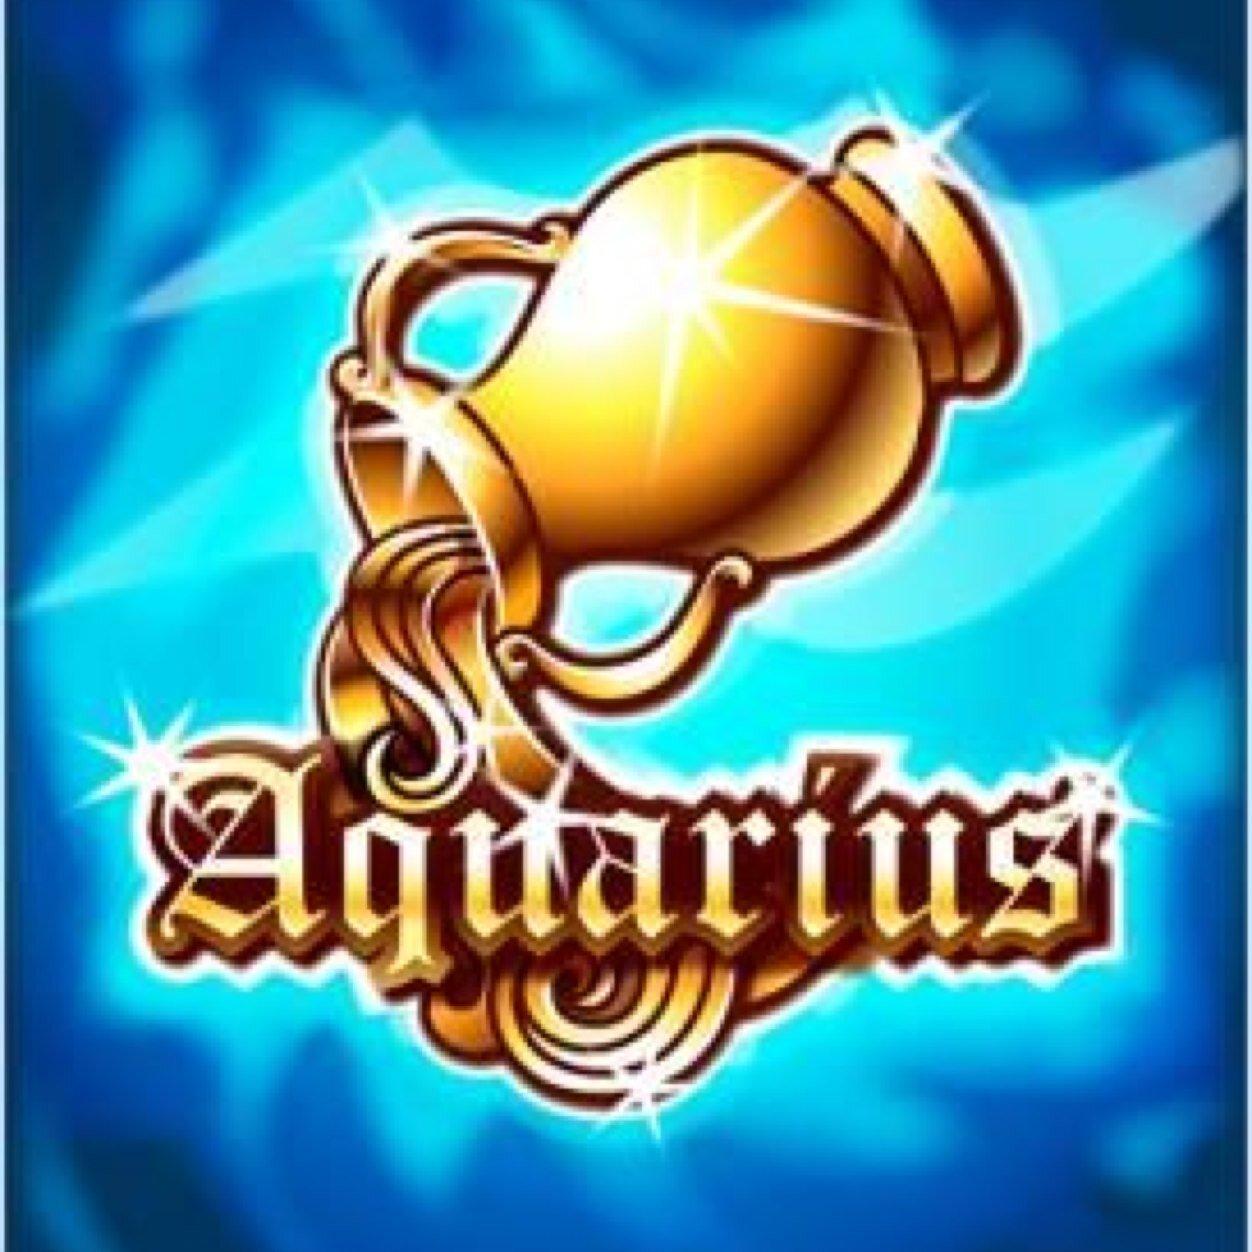 1252x1252 > Aquarius Wallpapers